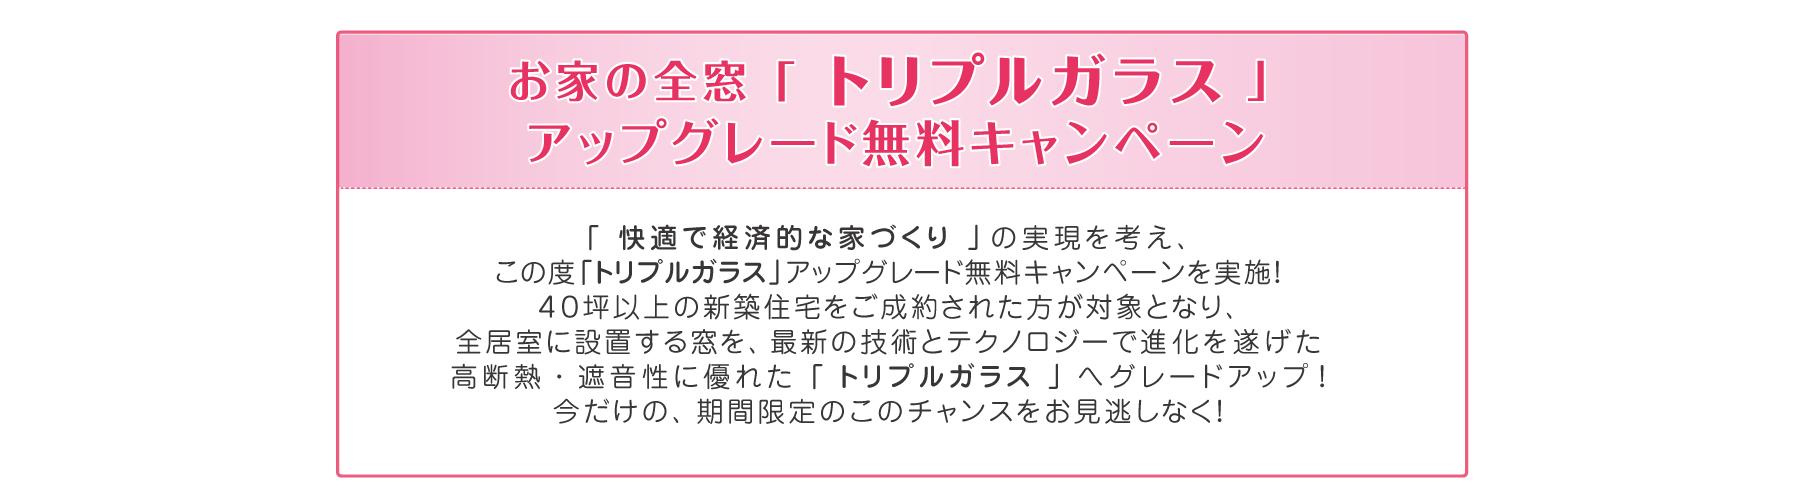 トリプルガラスプレゼント:キャンペーン詳細